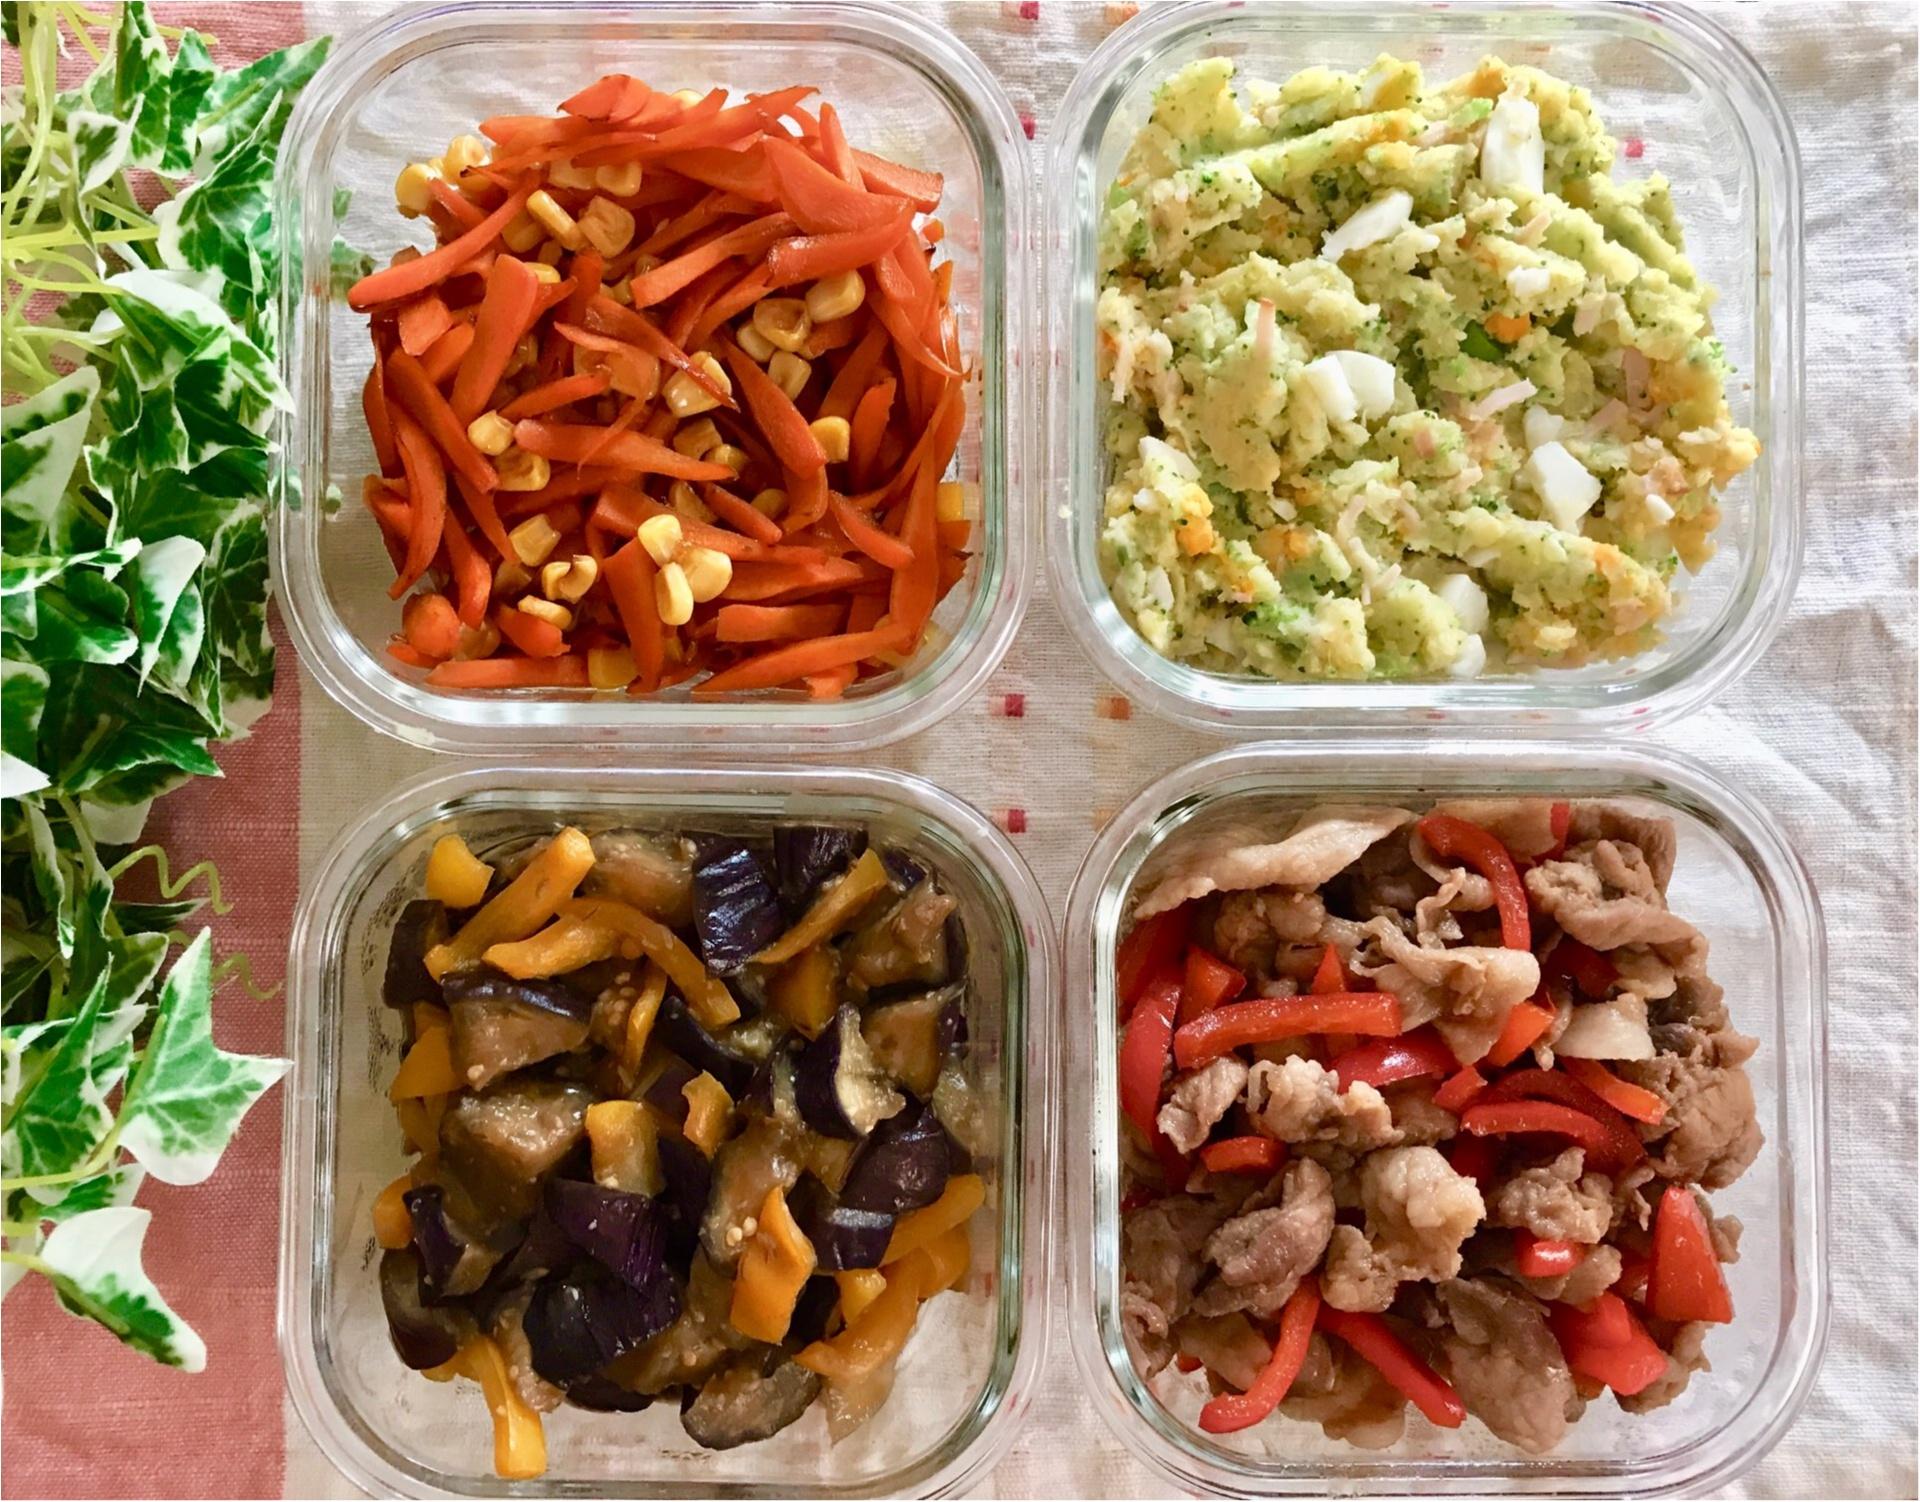 【作り置きおかず】お弁当作りに大活躍!超簡単★常備菜レシピをご紹介♡〜第18弾〜_1